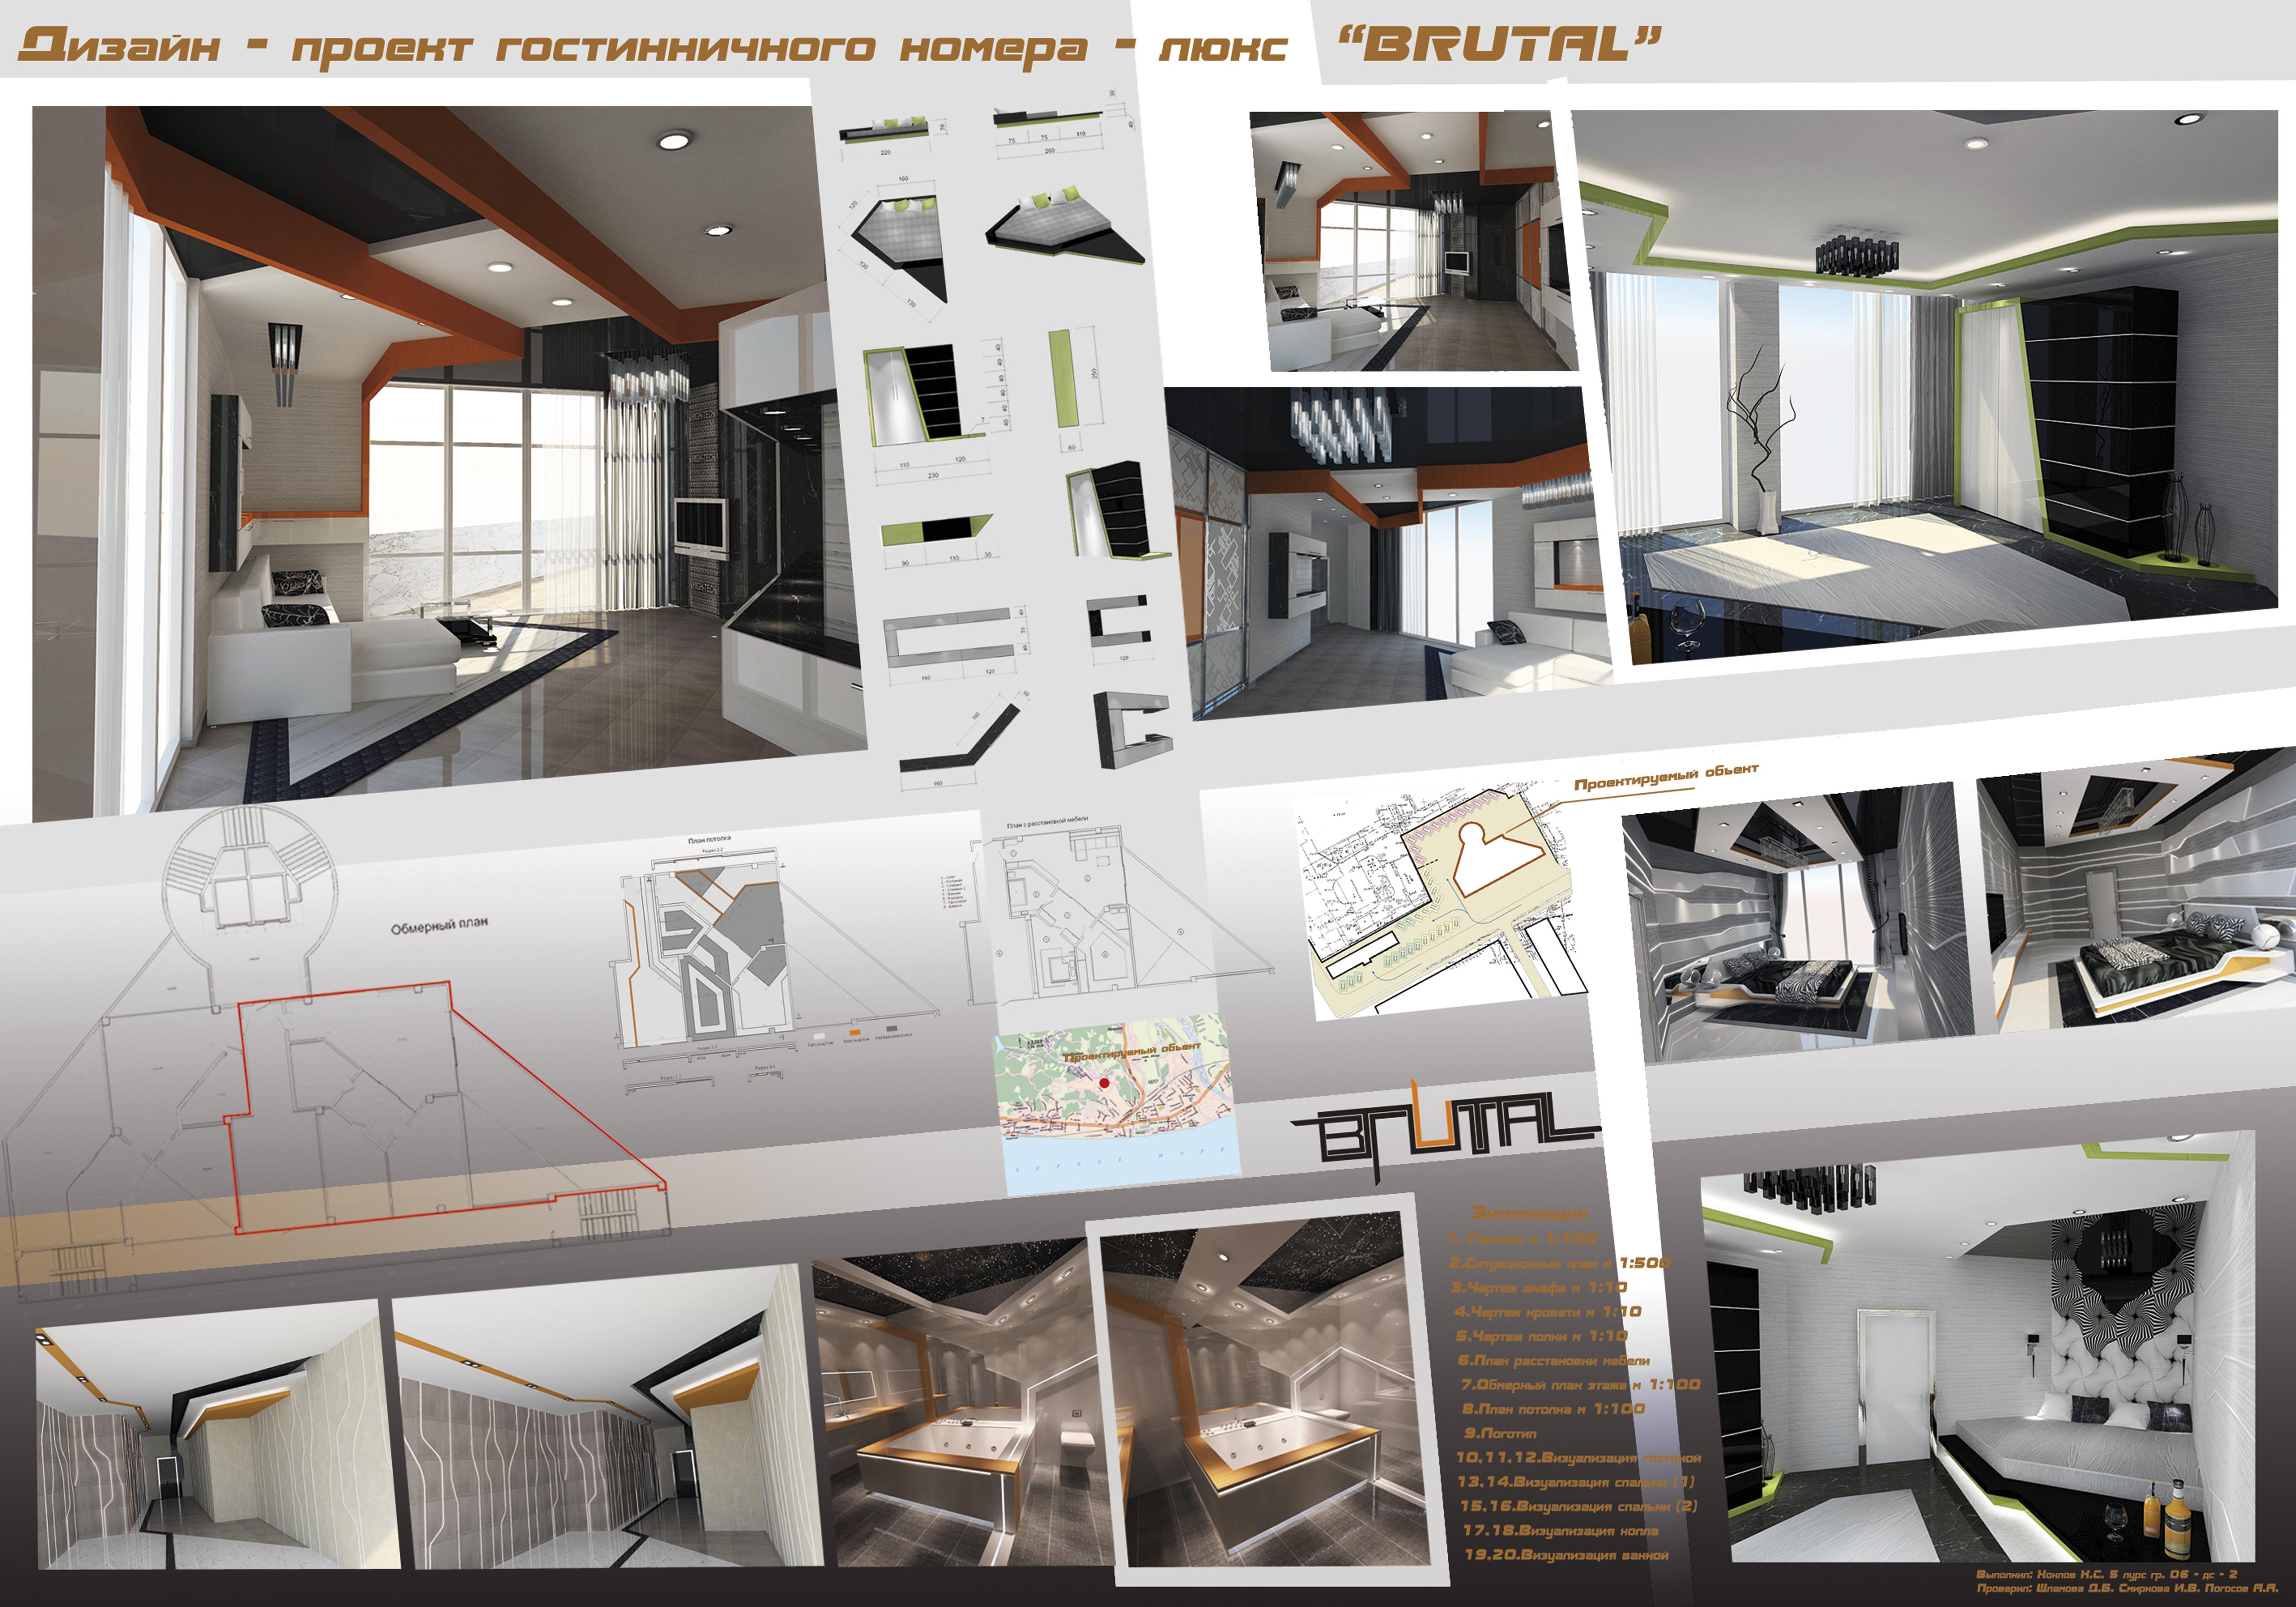 Дизайн проекты гостиничного номера